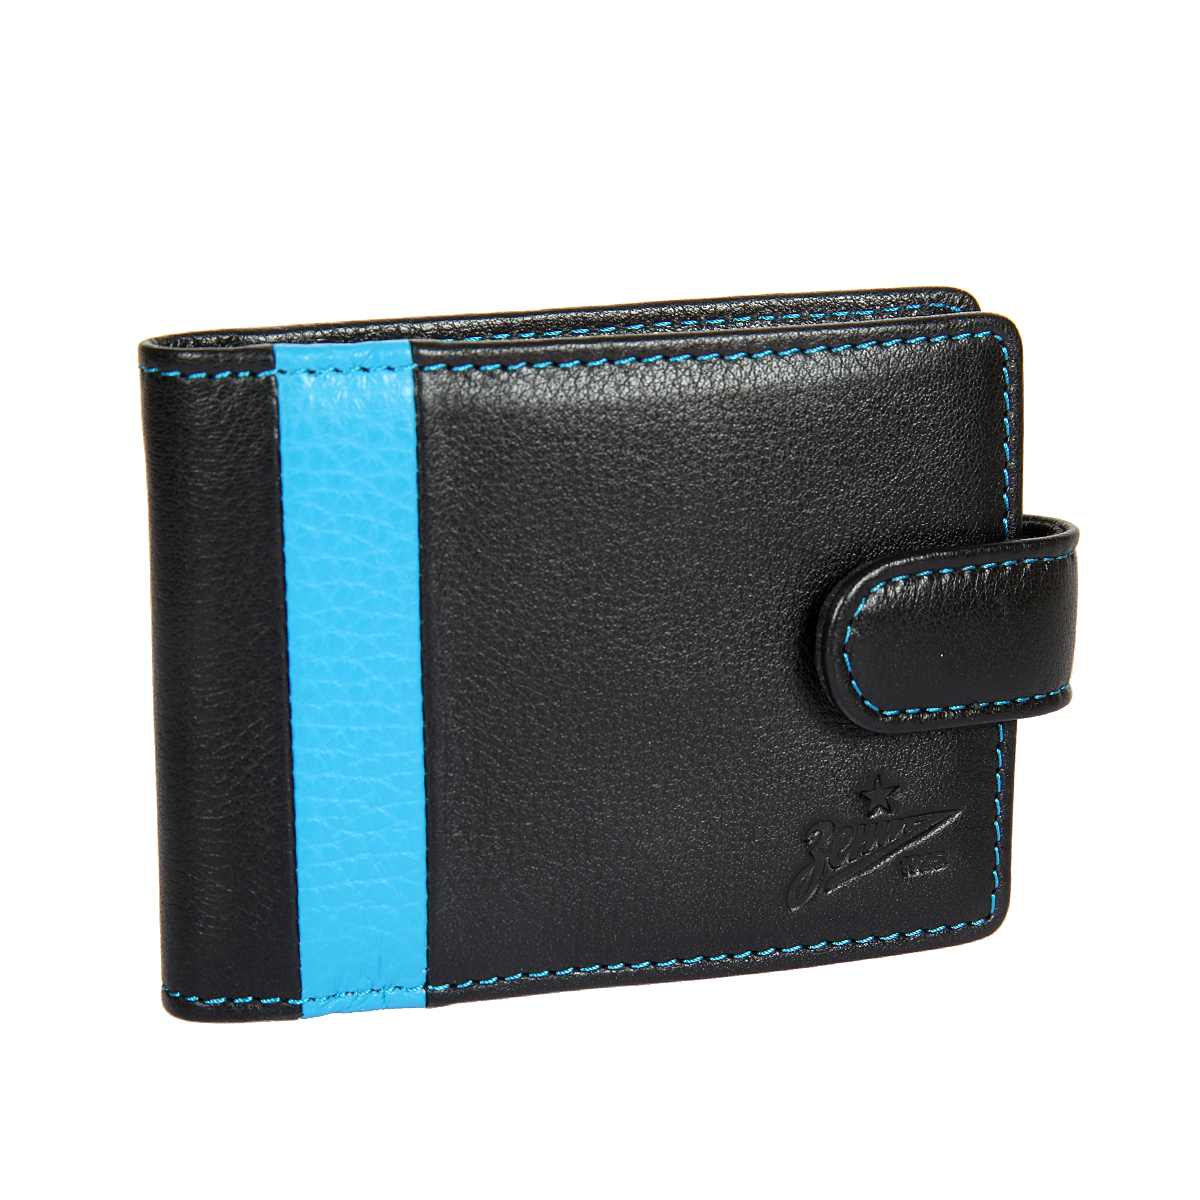 Визитница мужская Gianni Conti, цвет: черный. Z587470EQW-M710DB-1A1Закрывается клапаном на кнопке, внутри блок прозрачных файлов для визиток 18 шт, два сетчатых кармашка.